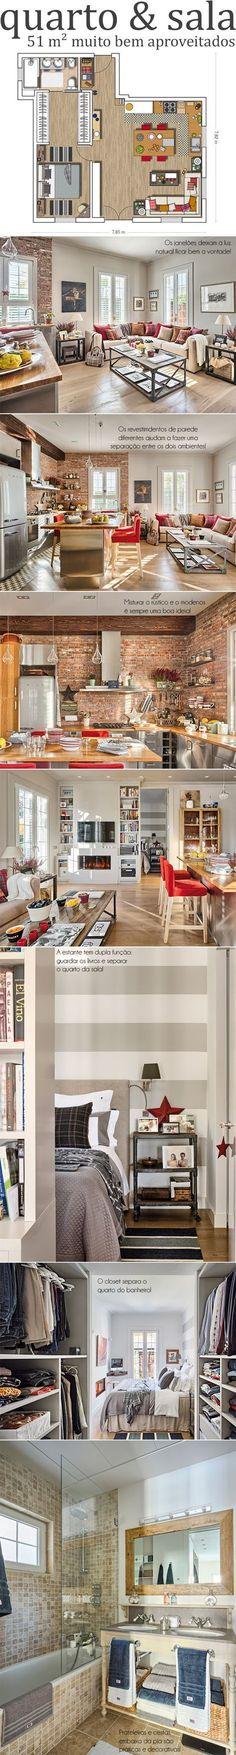 Departamento de una habitación, sala y cocina en 51 m2 #decoracioncocinaspequeñas